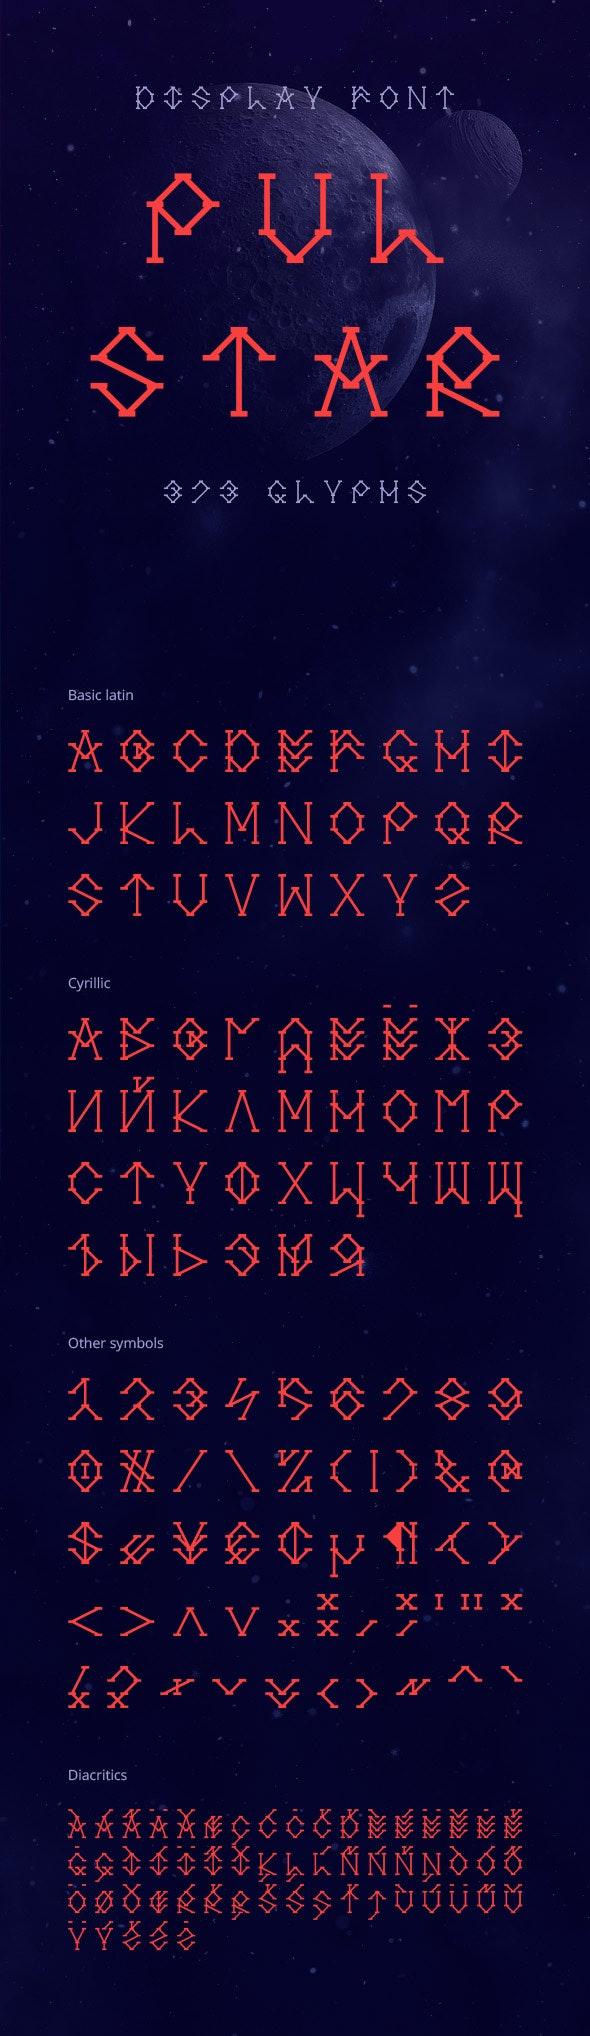 Pulstar Font - Decorative Fonts